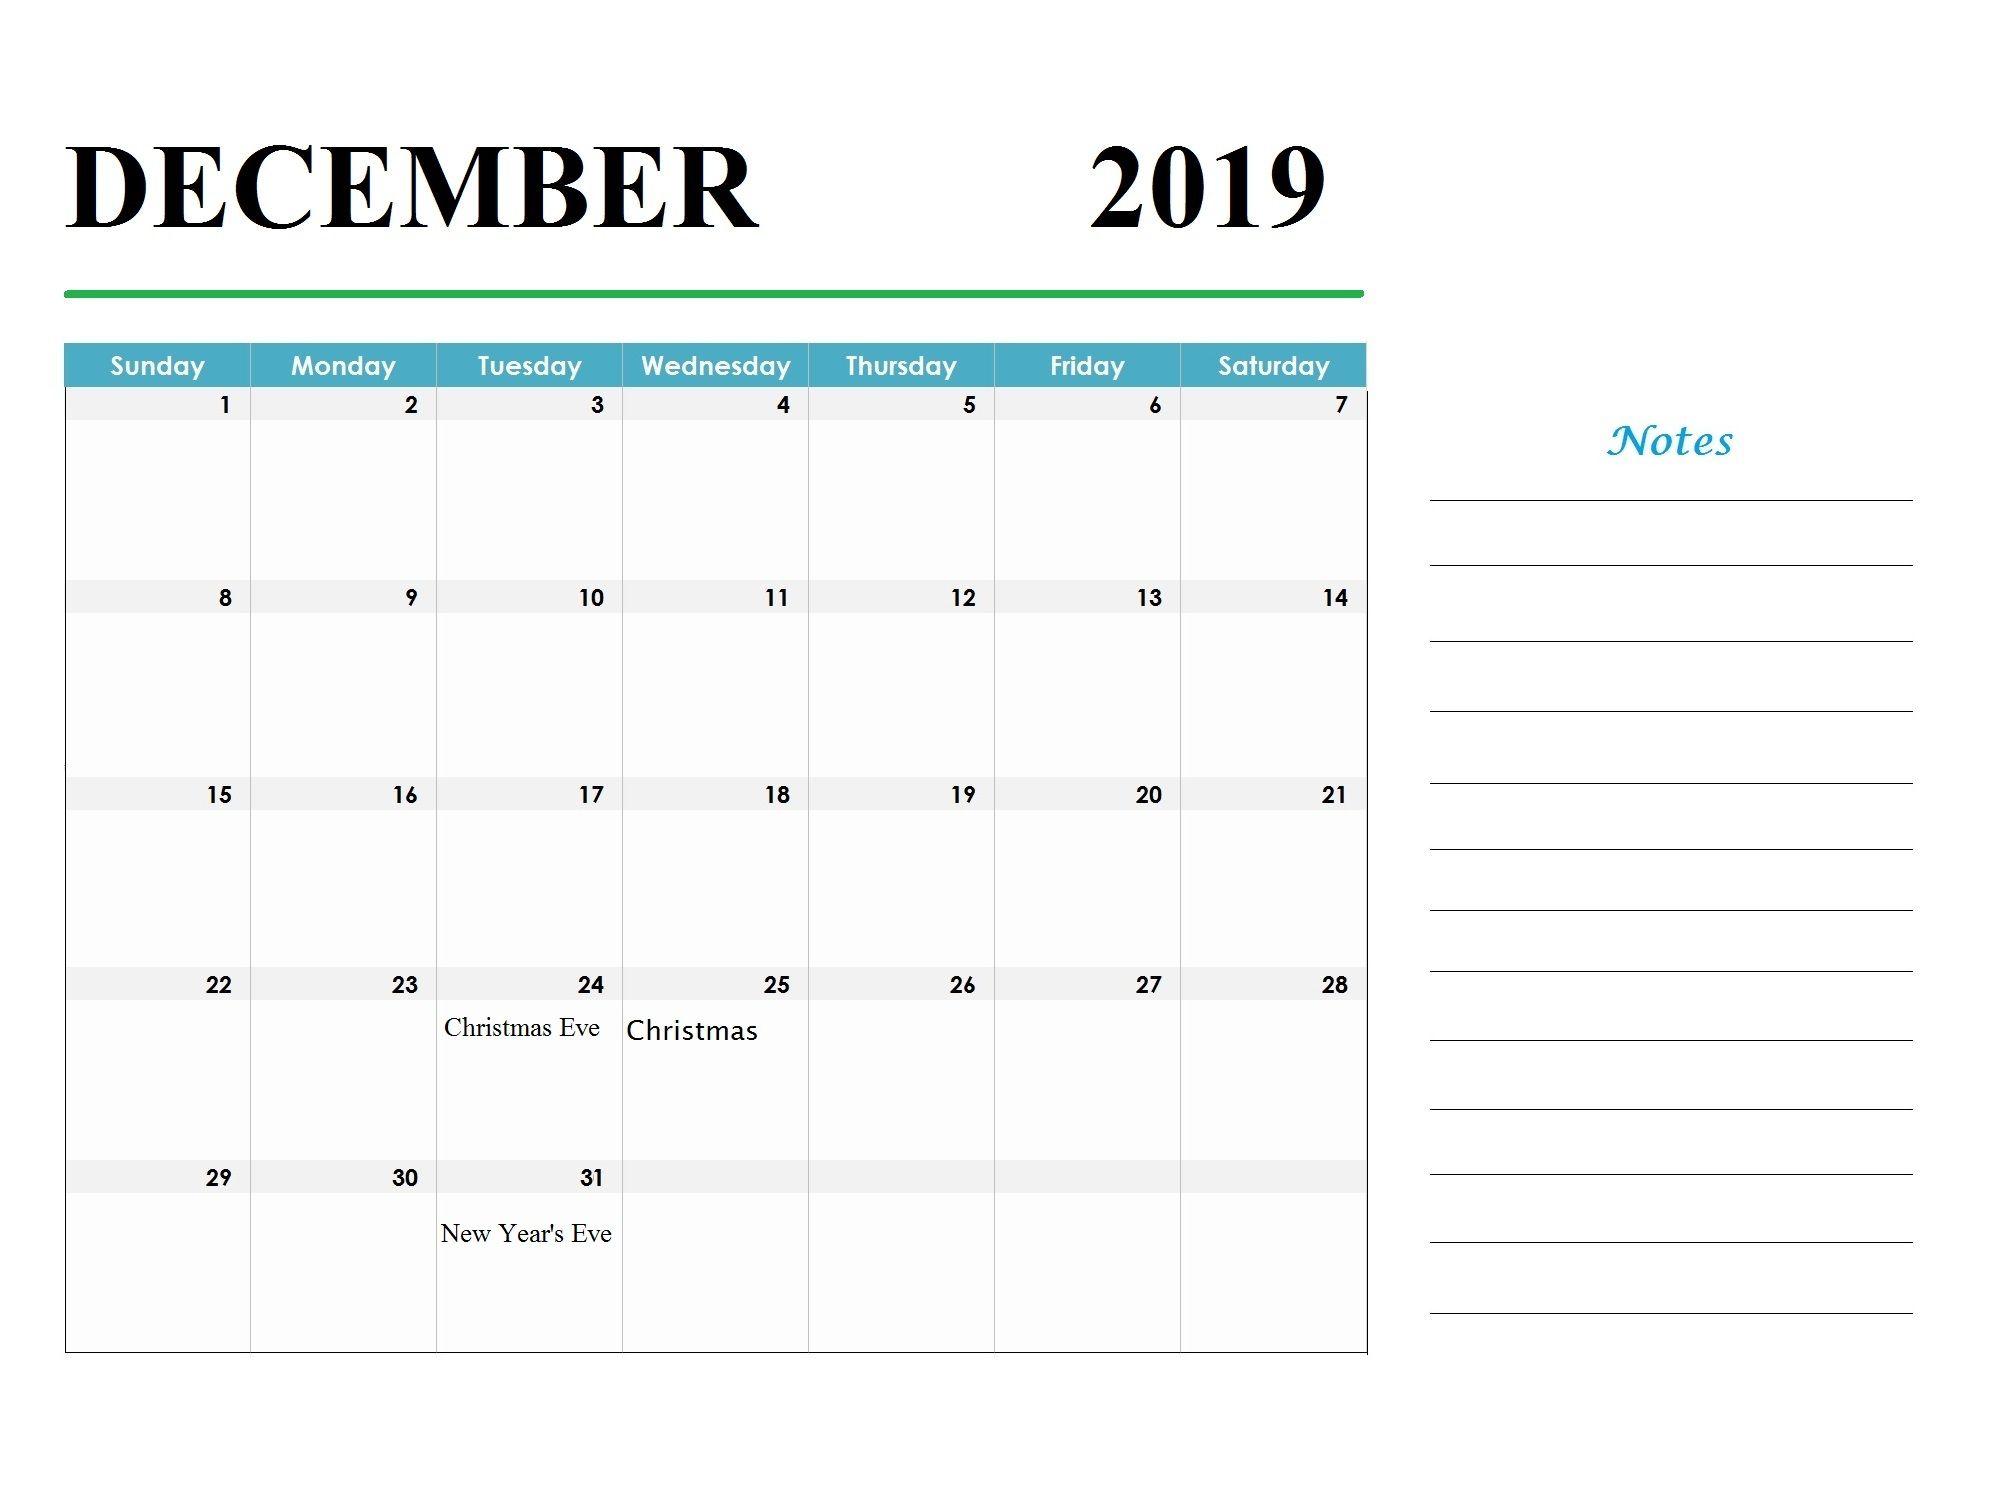 December 2019 Holidays Calendar Template 250 2019 Calendars